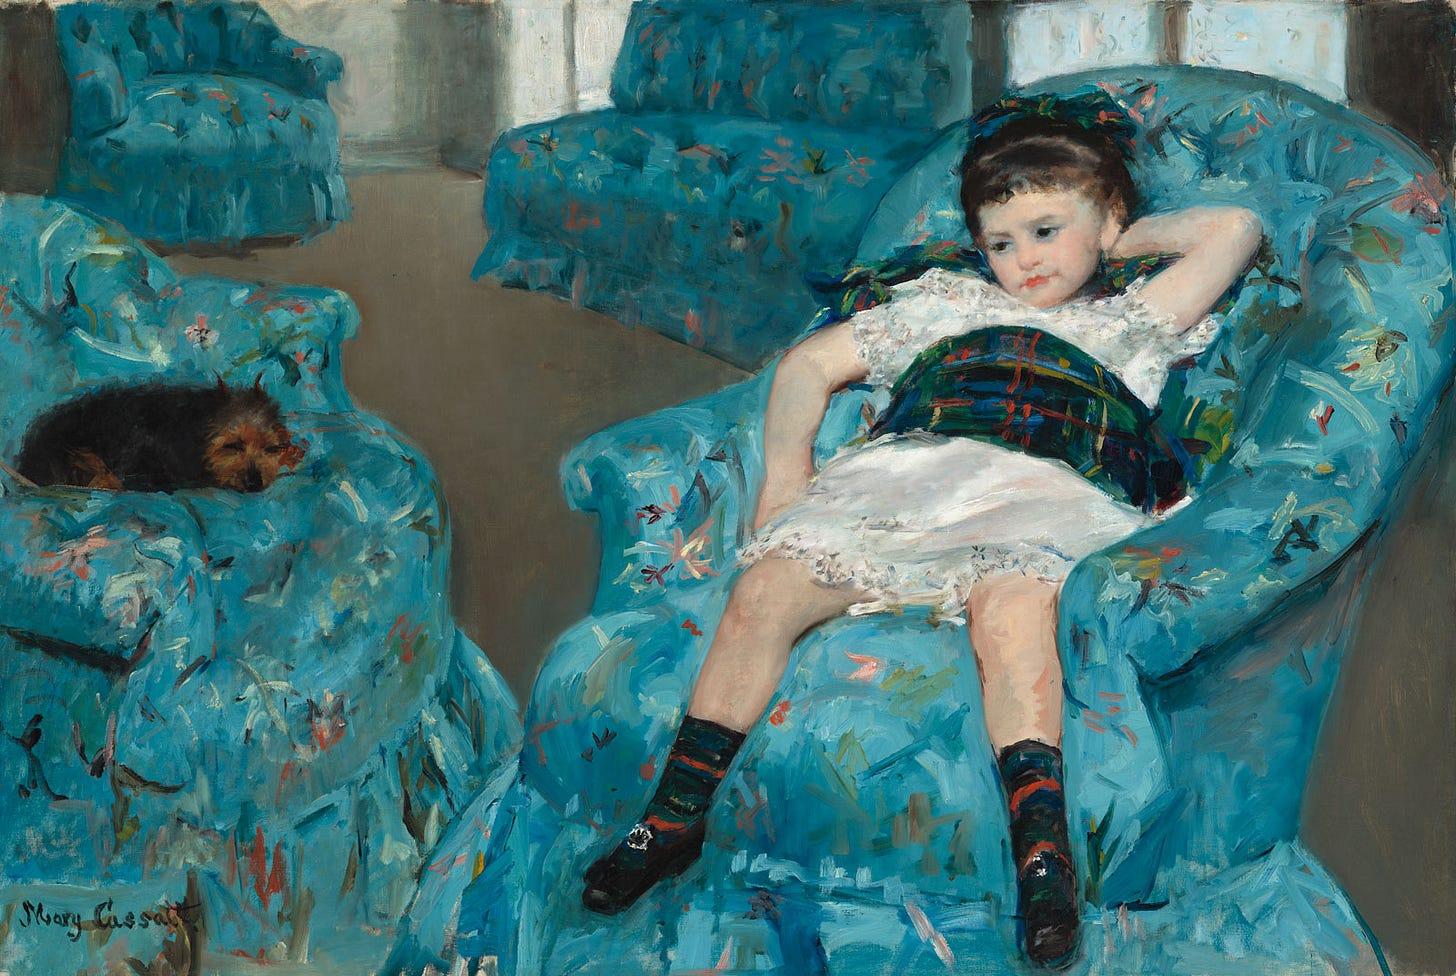 Mary Cassatt | Biography, Art, & Facts | Britannica